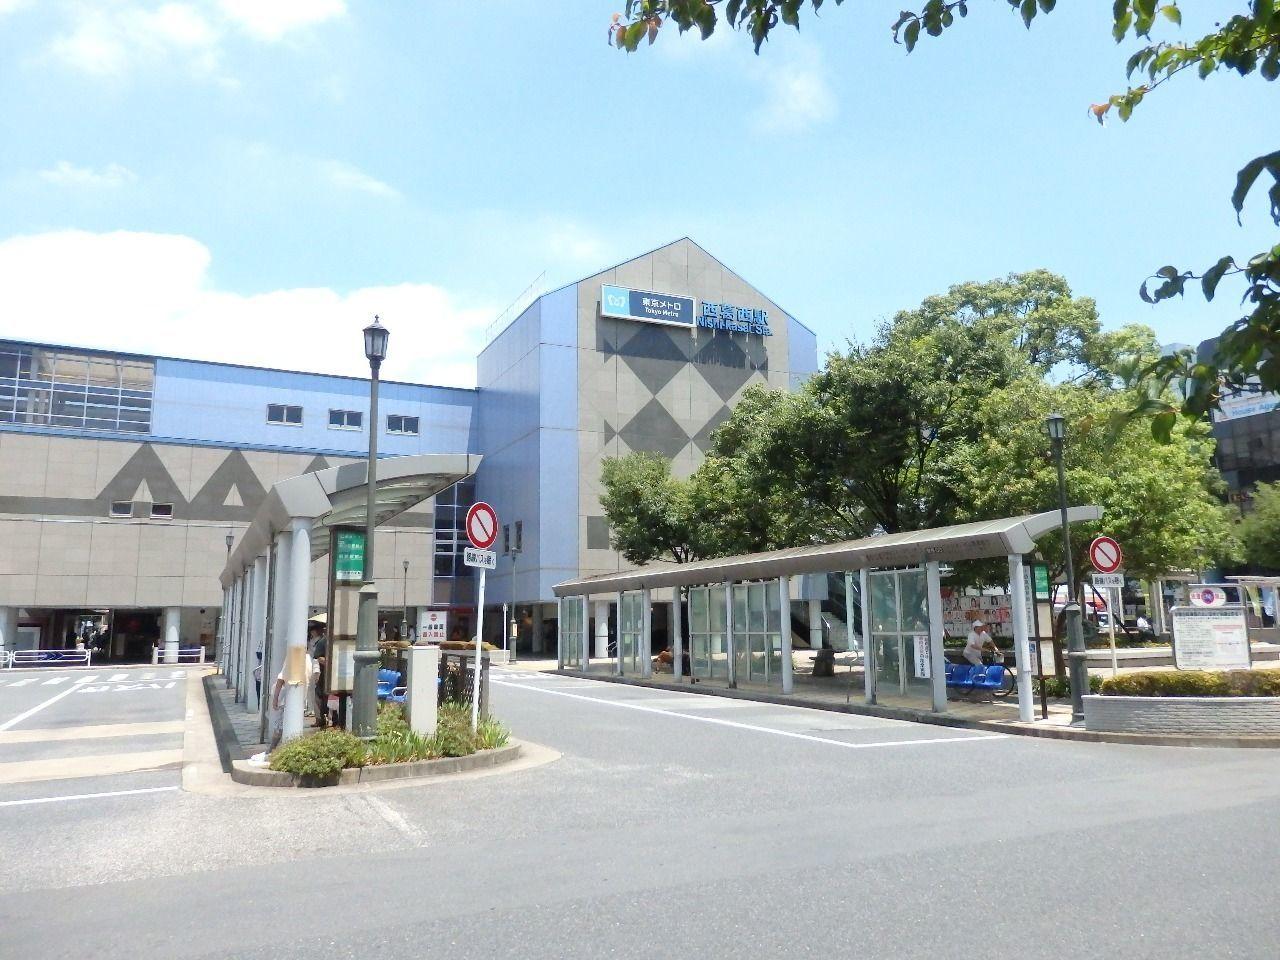 大手町まで15分、バスを使って足をのばせば都営新宿線や総武線、京葉線も利用できる準ターミナル駅。